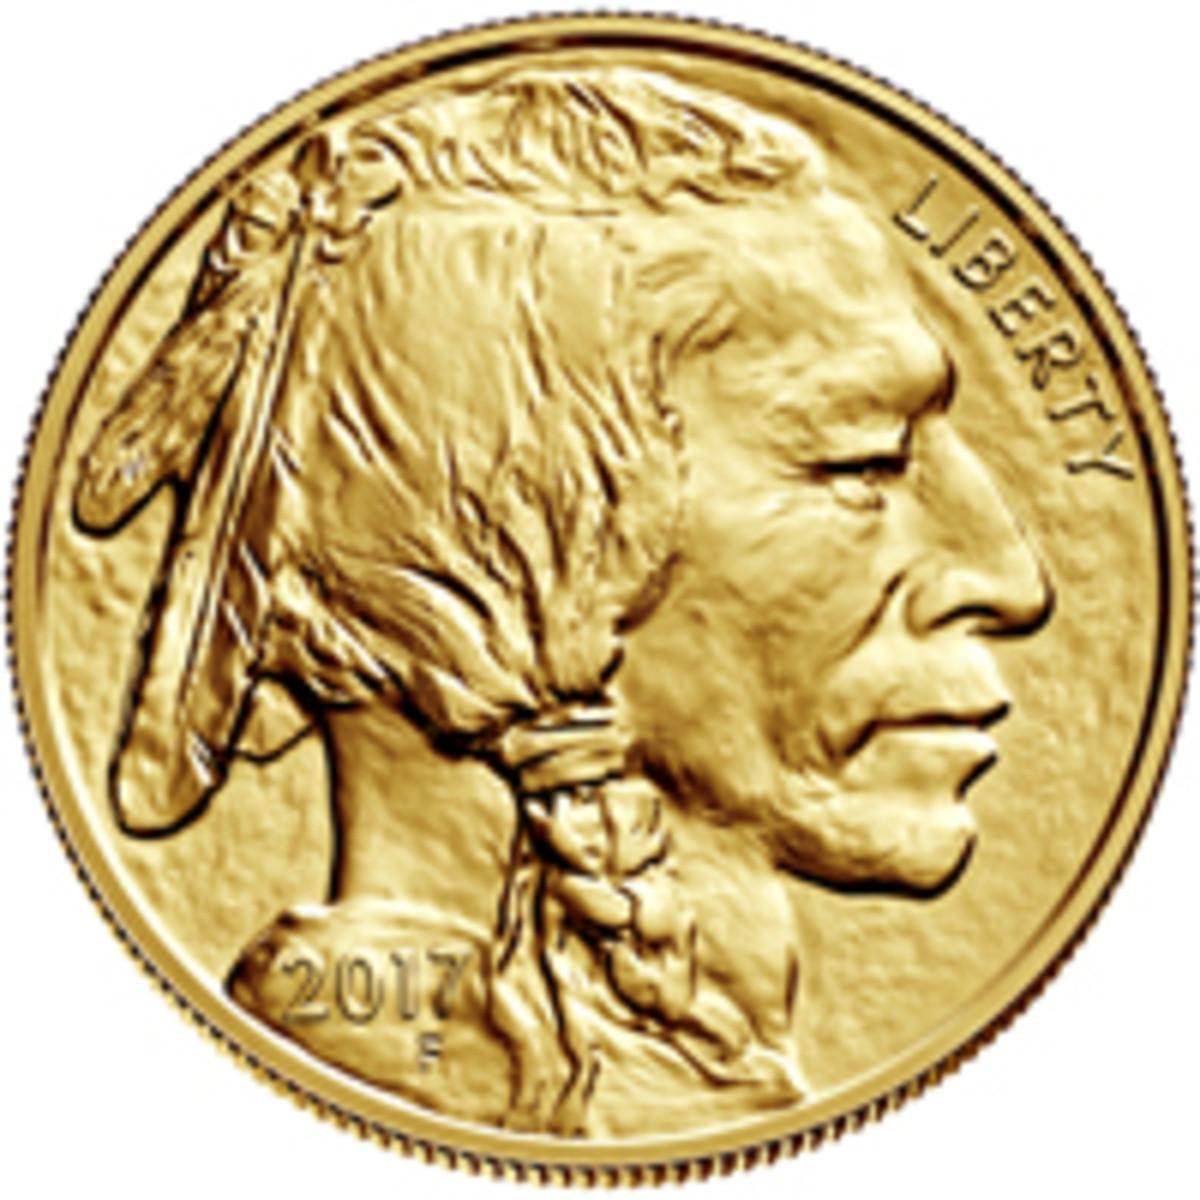 2017-american-buffalo-gold-one-ounce-bullion-A